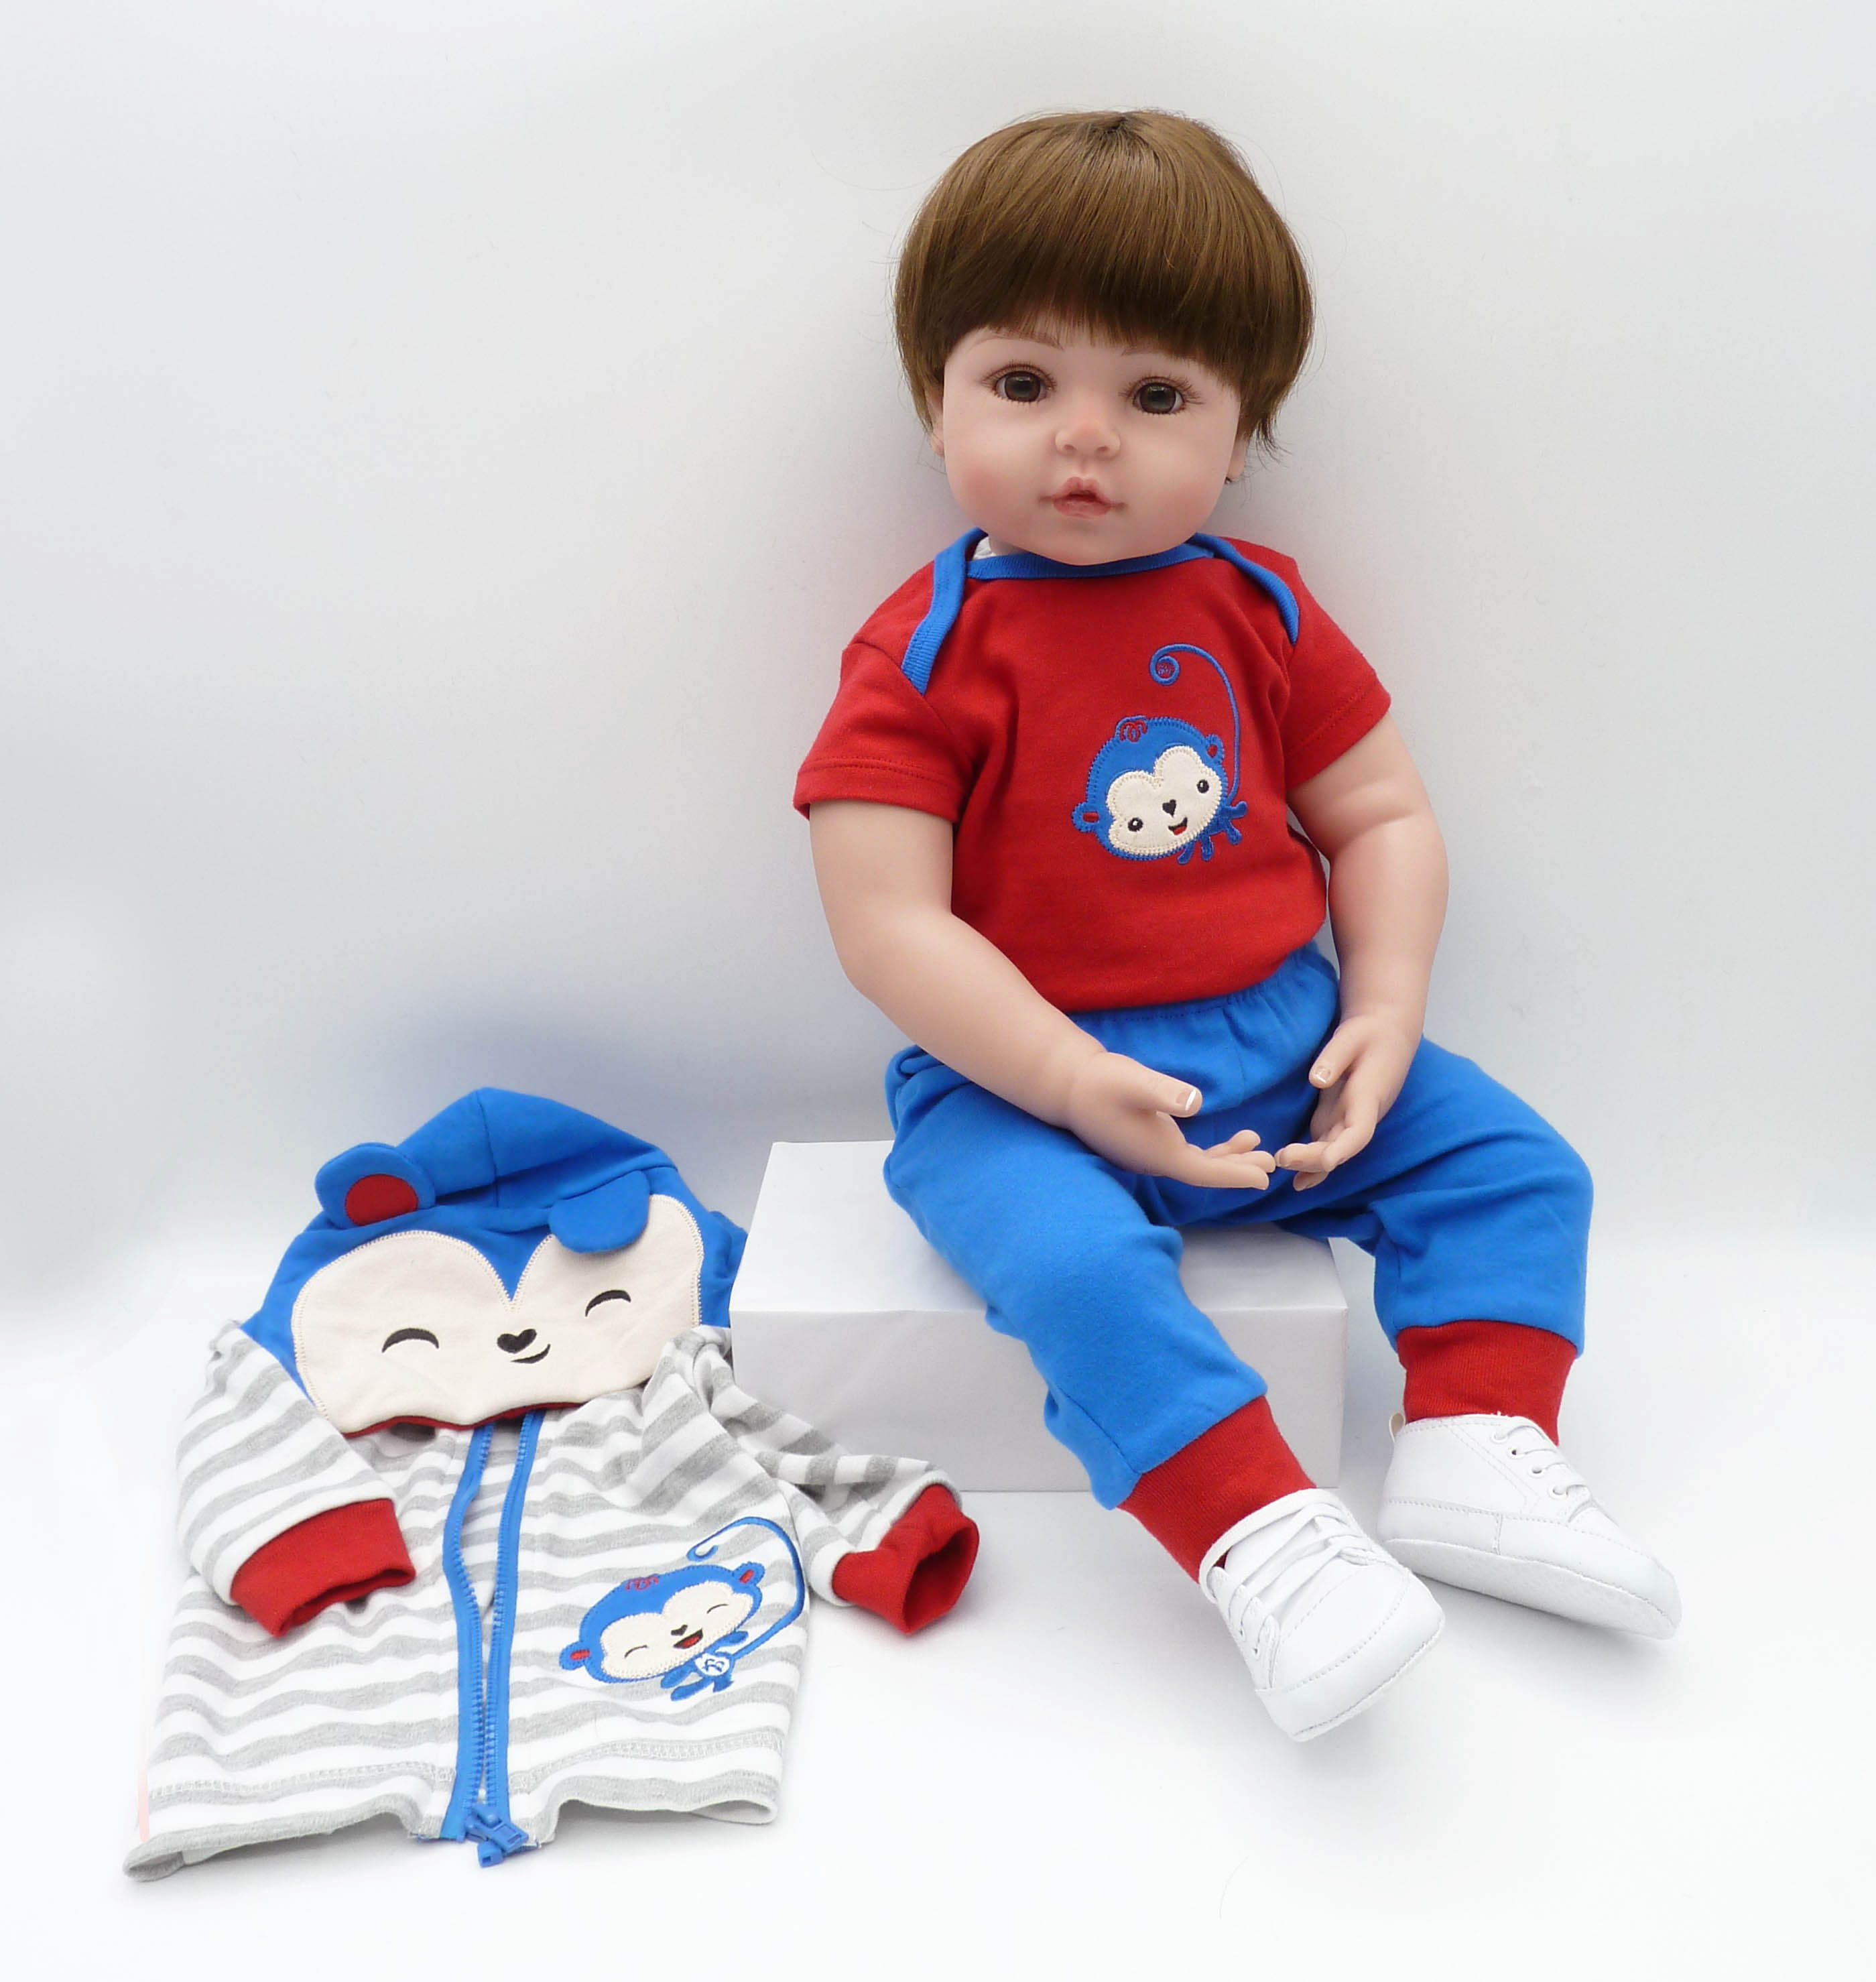 48 cm/60 cm silicone macio reborn, menino, boneca do bebê, brinquedo, realista, vinil, bebês recém-nascidos, boneca, presente de aniversário, hora da cama educação precoce,